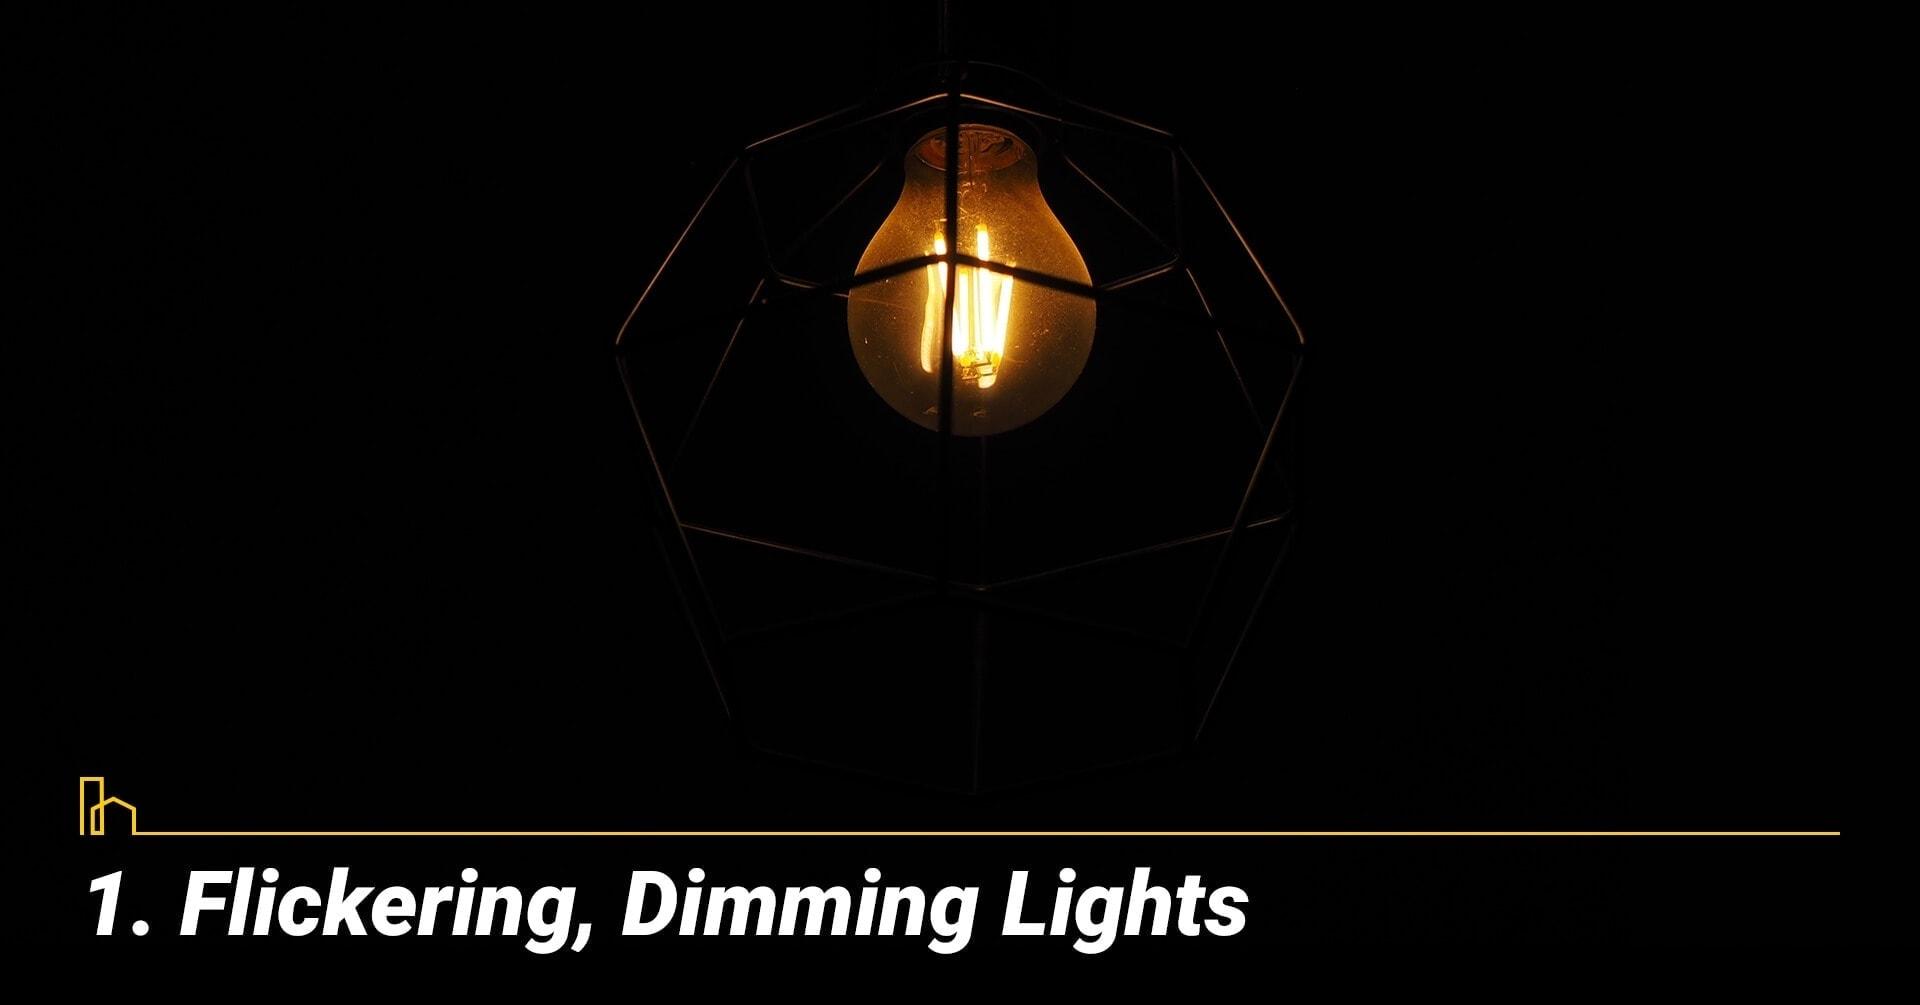 Flickering, Dimming Lights